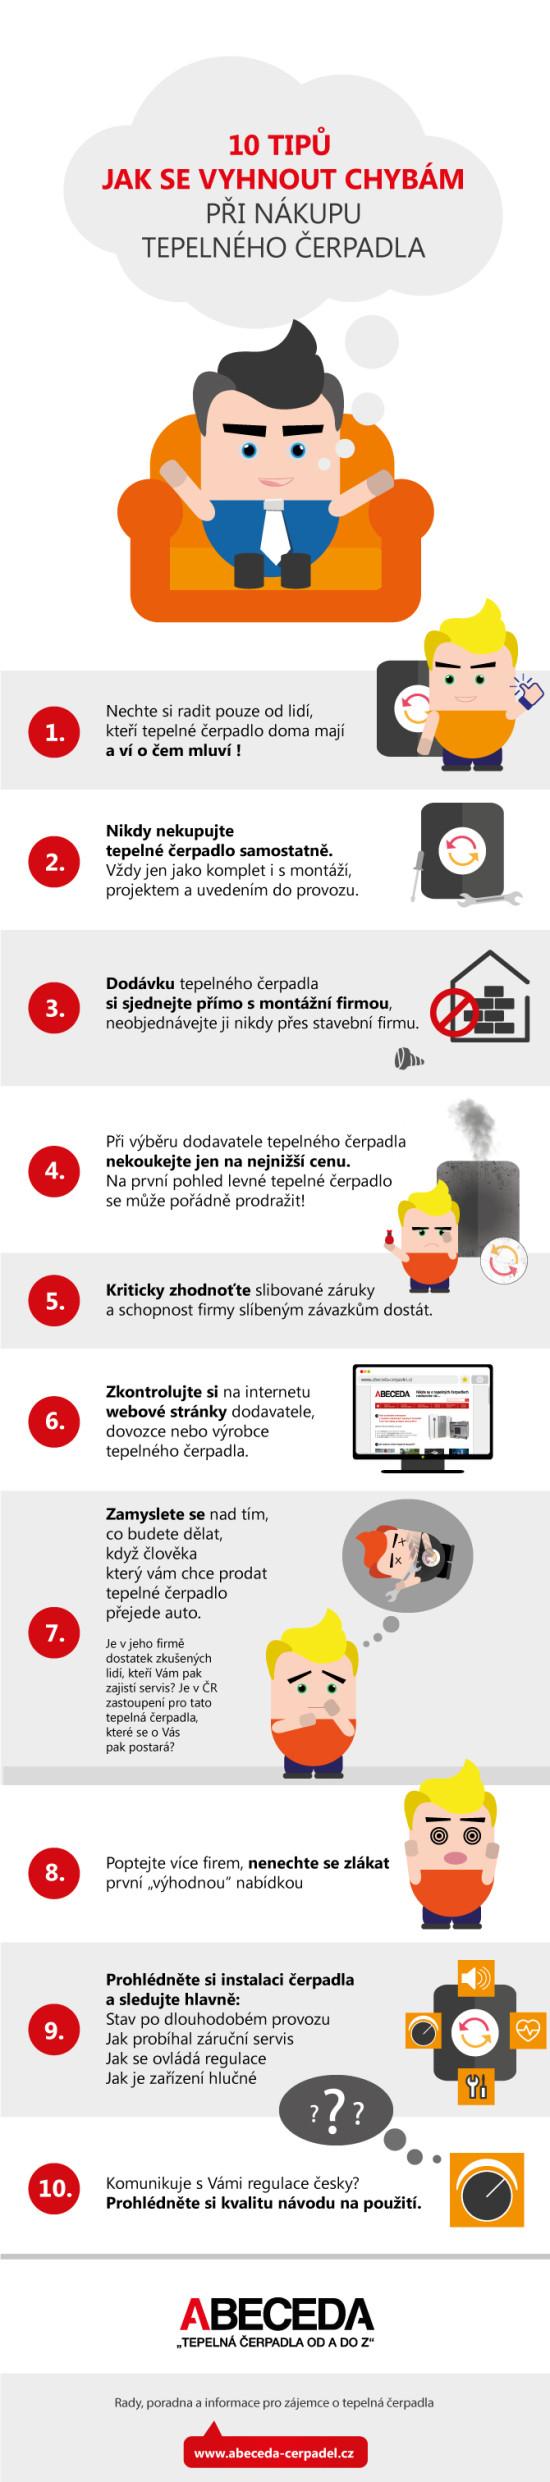 Chyby při nákupu tepelného čerpadla a jak se jim vyhnout – Infografika